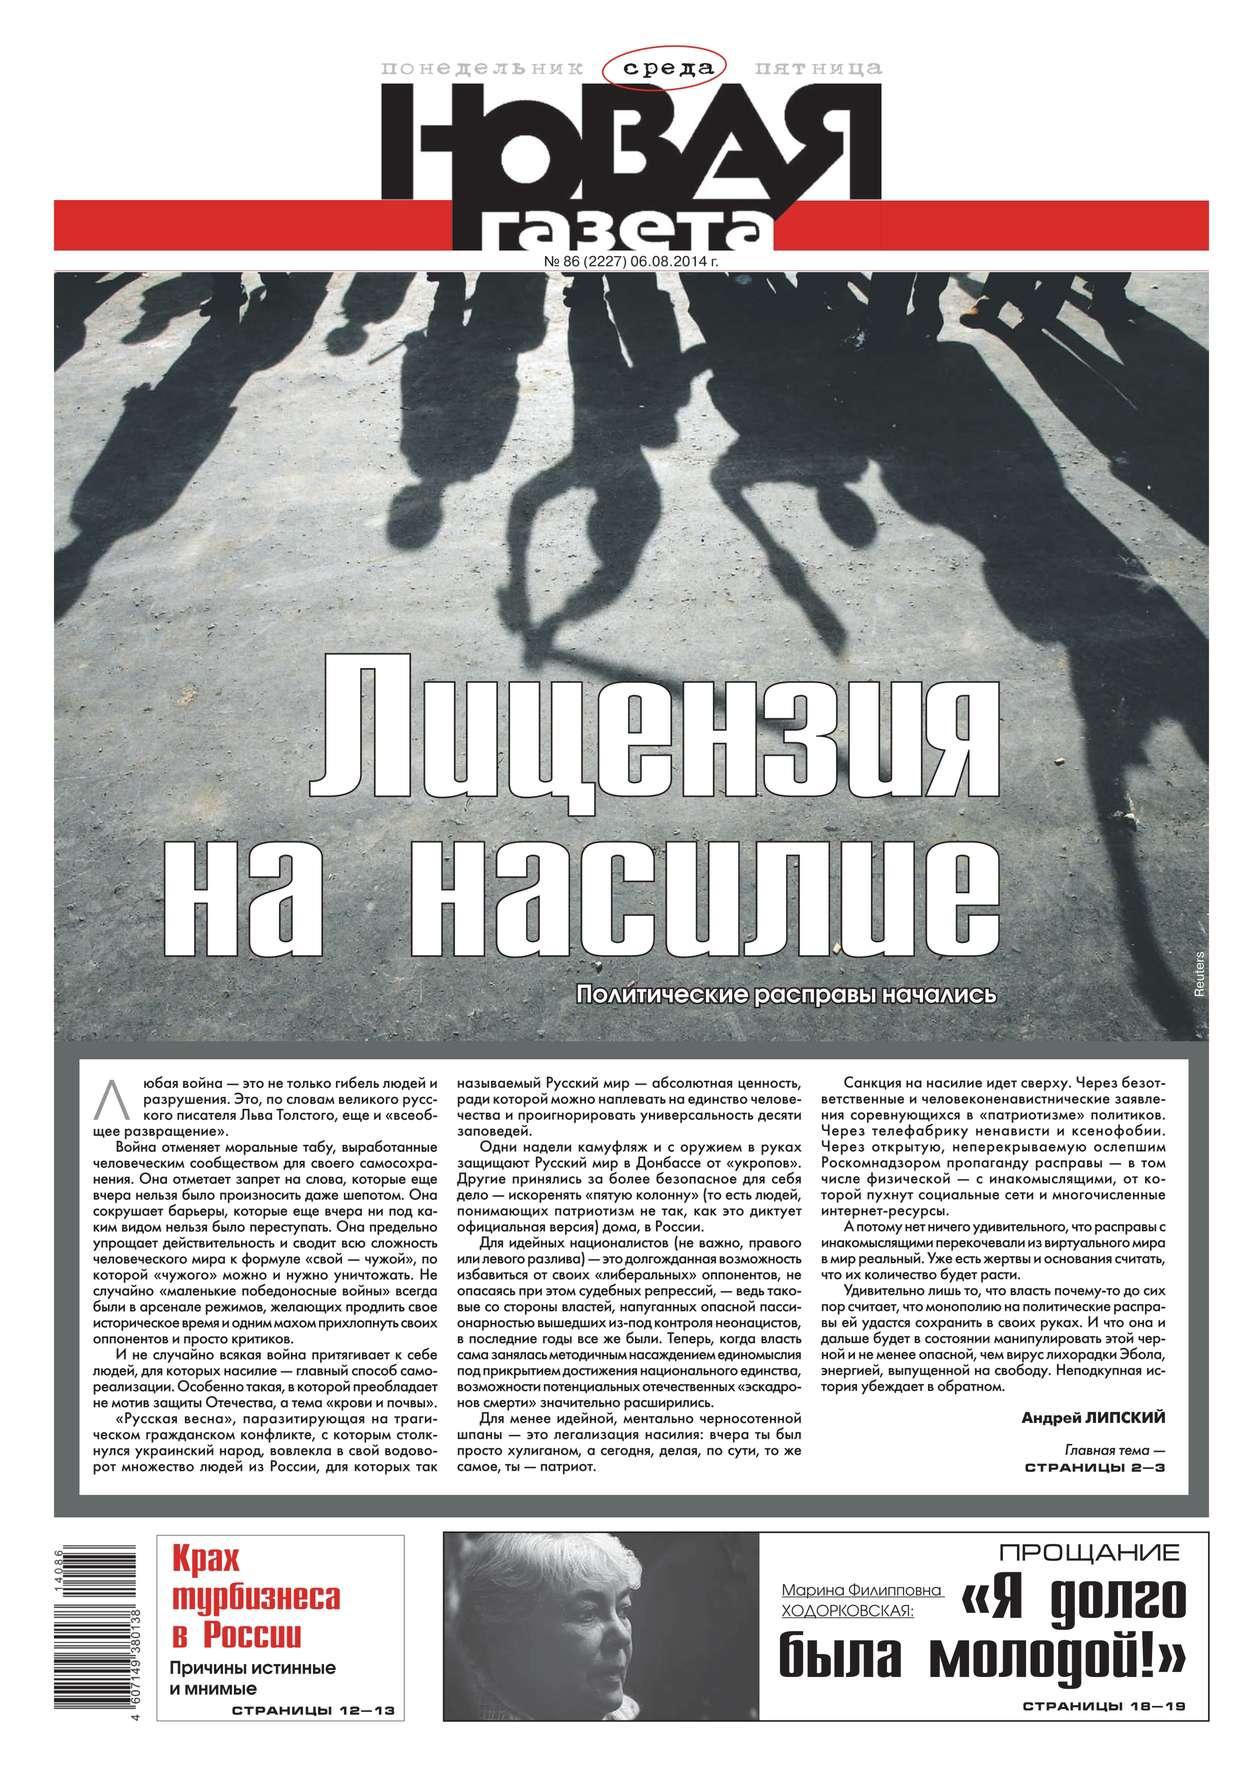 Редакция газеты Новая Газета Новая газета 86-2014 редакция газеты новая газета новая газета 86 2018